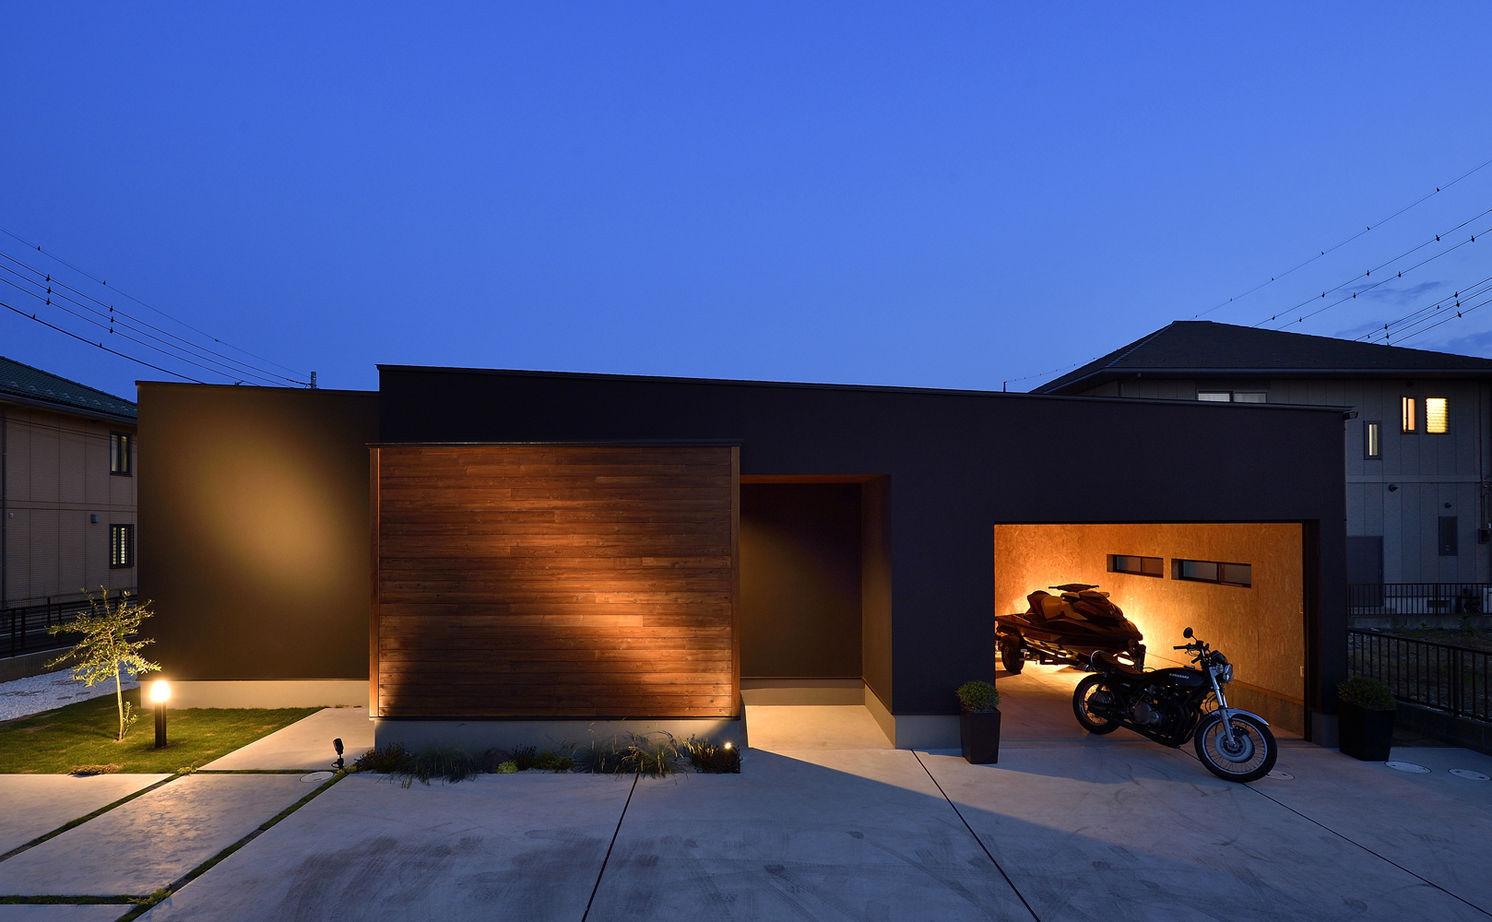 【平屋/シンプルモダン】シャープさの中に溶け込む素材の優しさが、寛ぎの空間を創り出すガレージのある家画像1